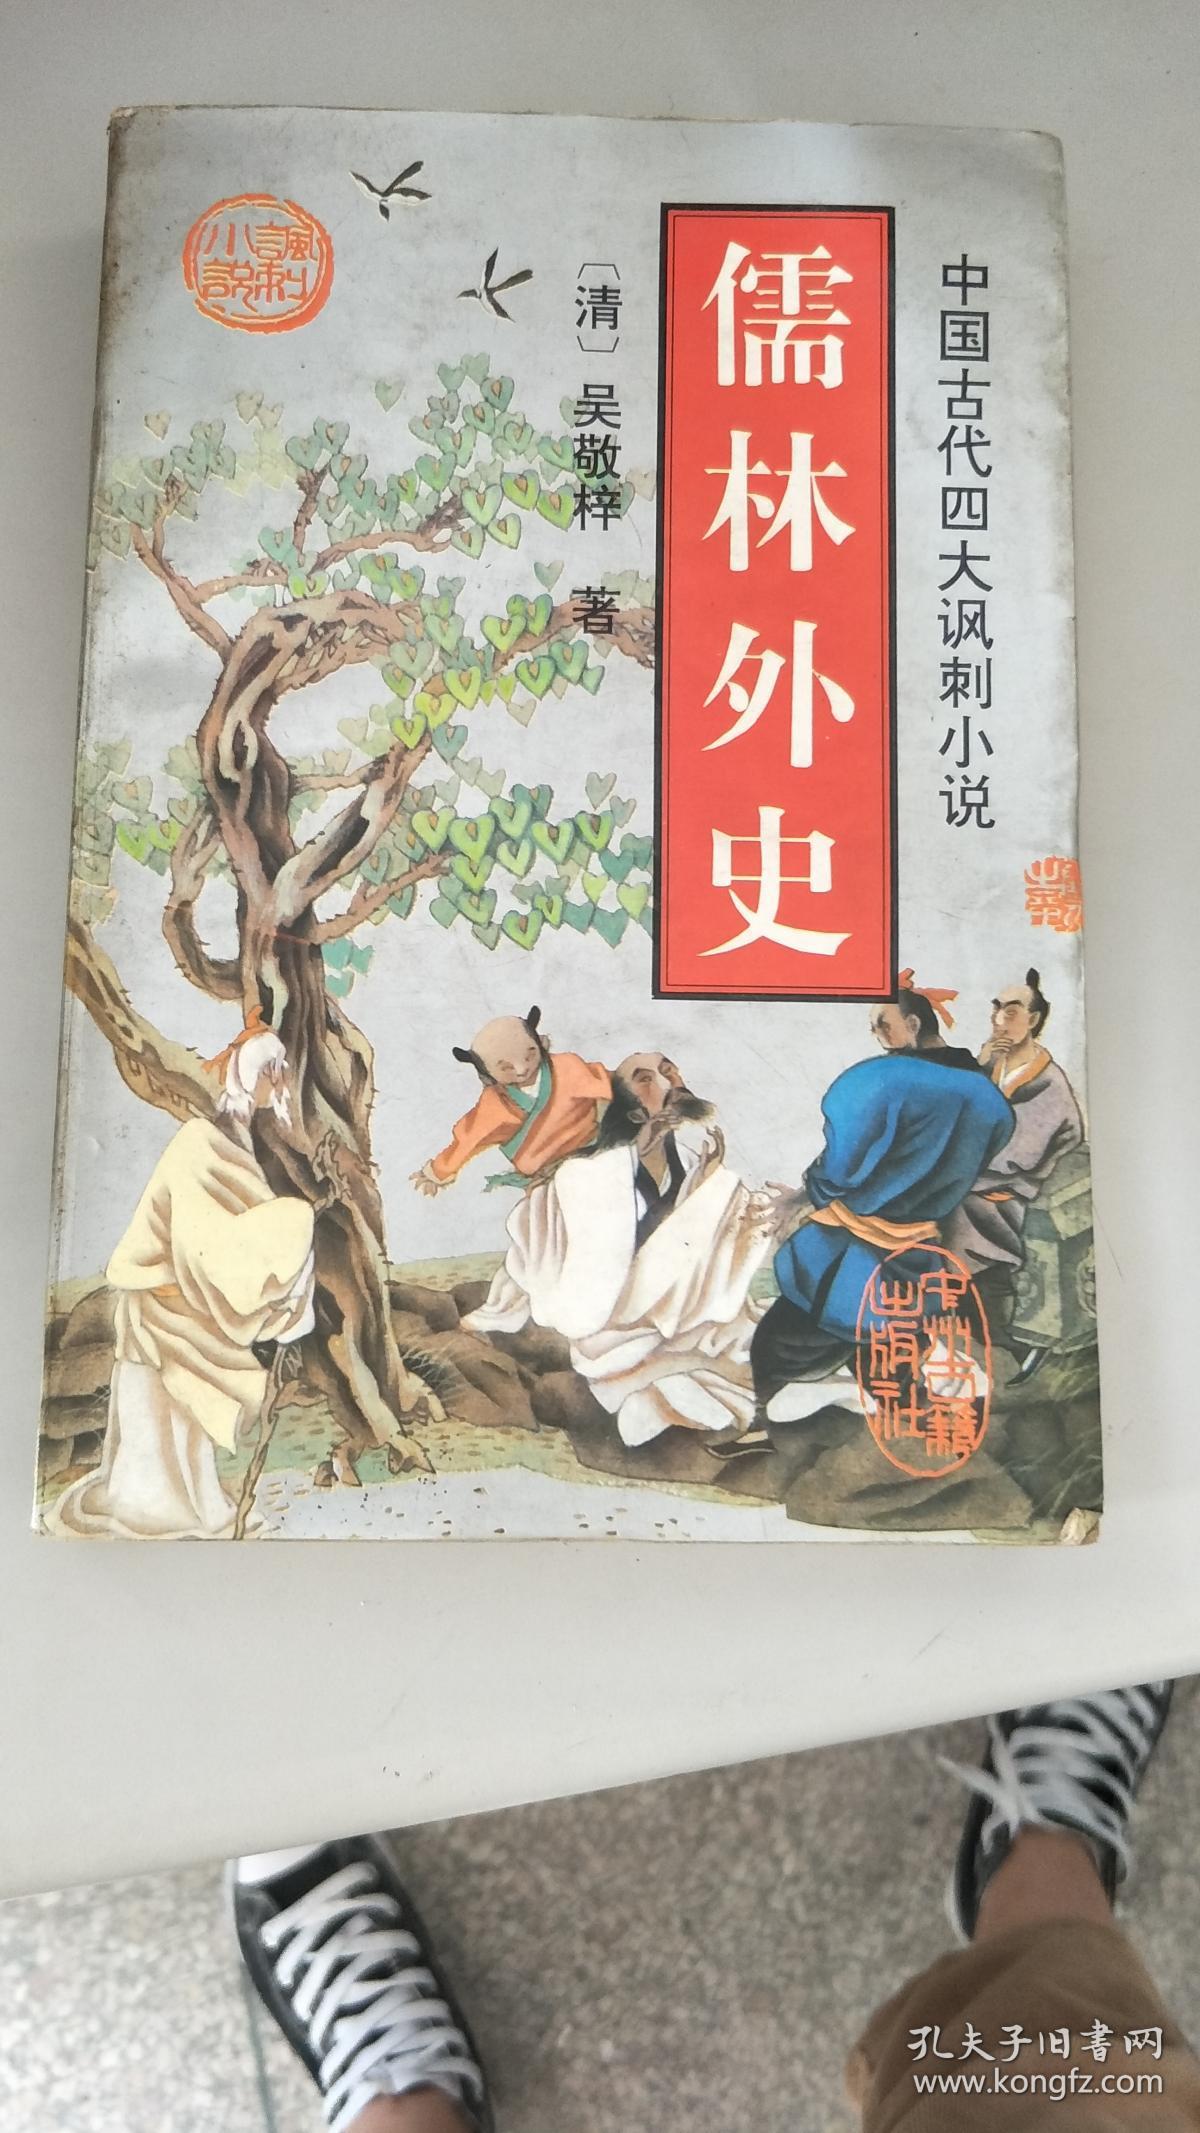 【旧书二手书】儒林外史 9787534813290图片